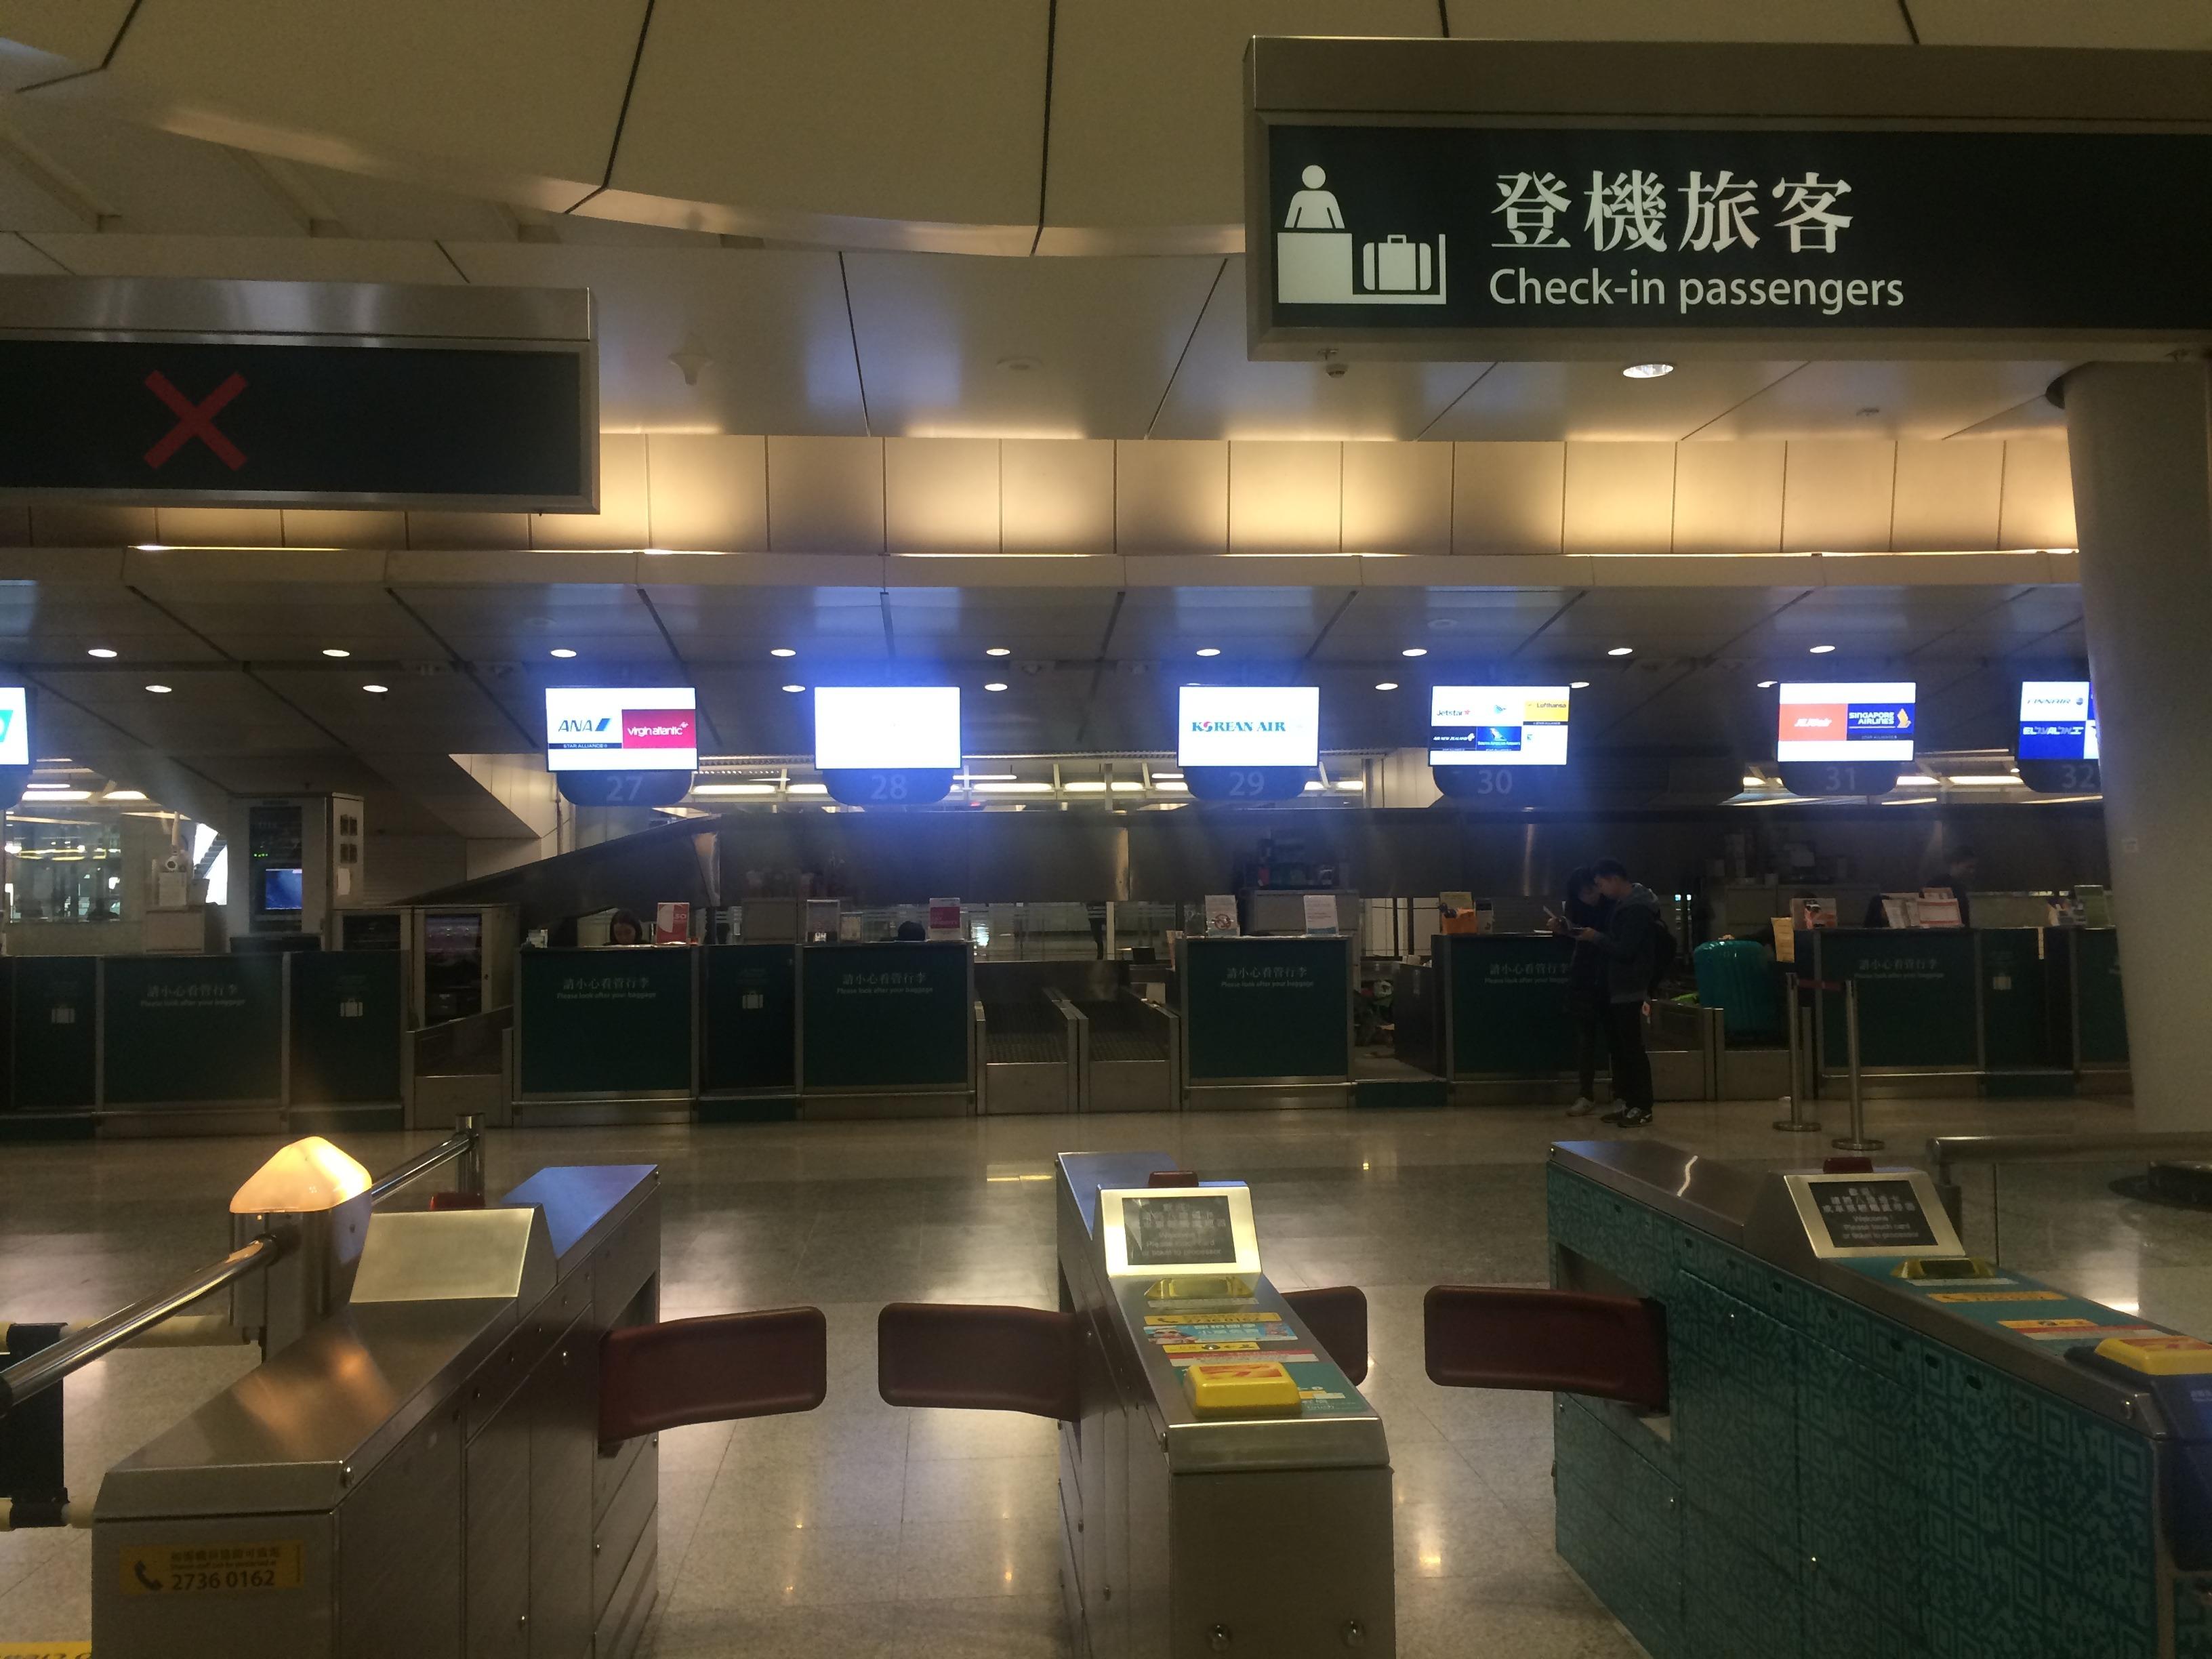 香港駅とカオルーン駅にはそれぞれ航空会社のチェックインカウンターがあります。重いスーツケースはここで預けてチェックインも済ませ、身軽になって空港へ行きましょう!